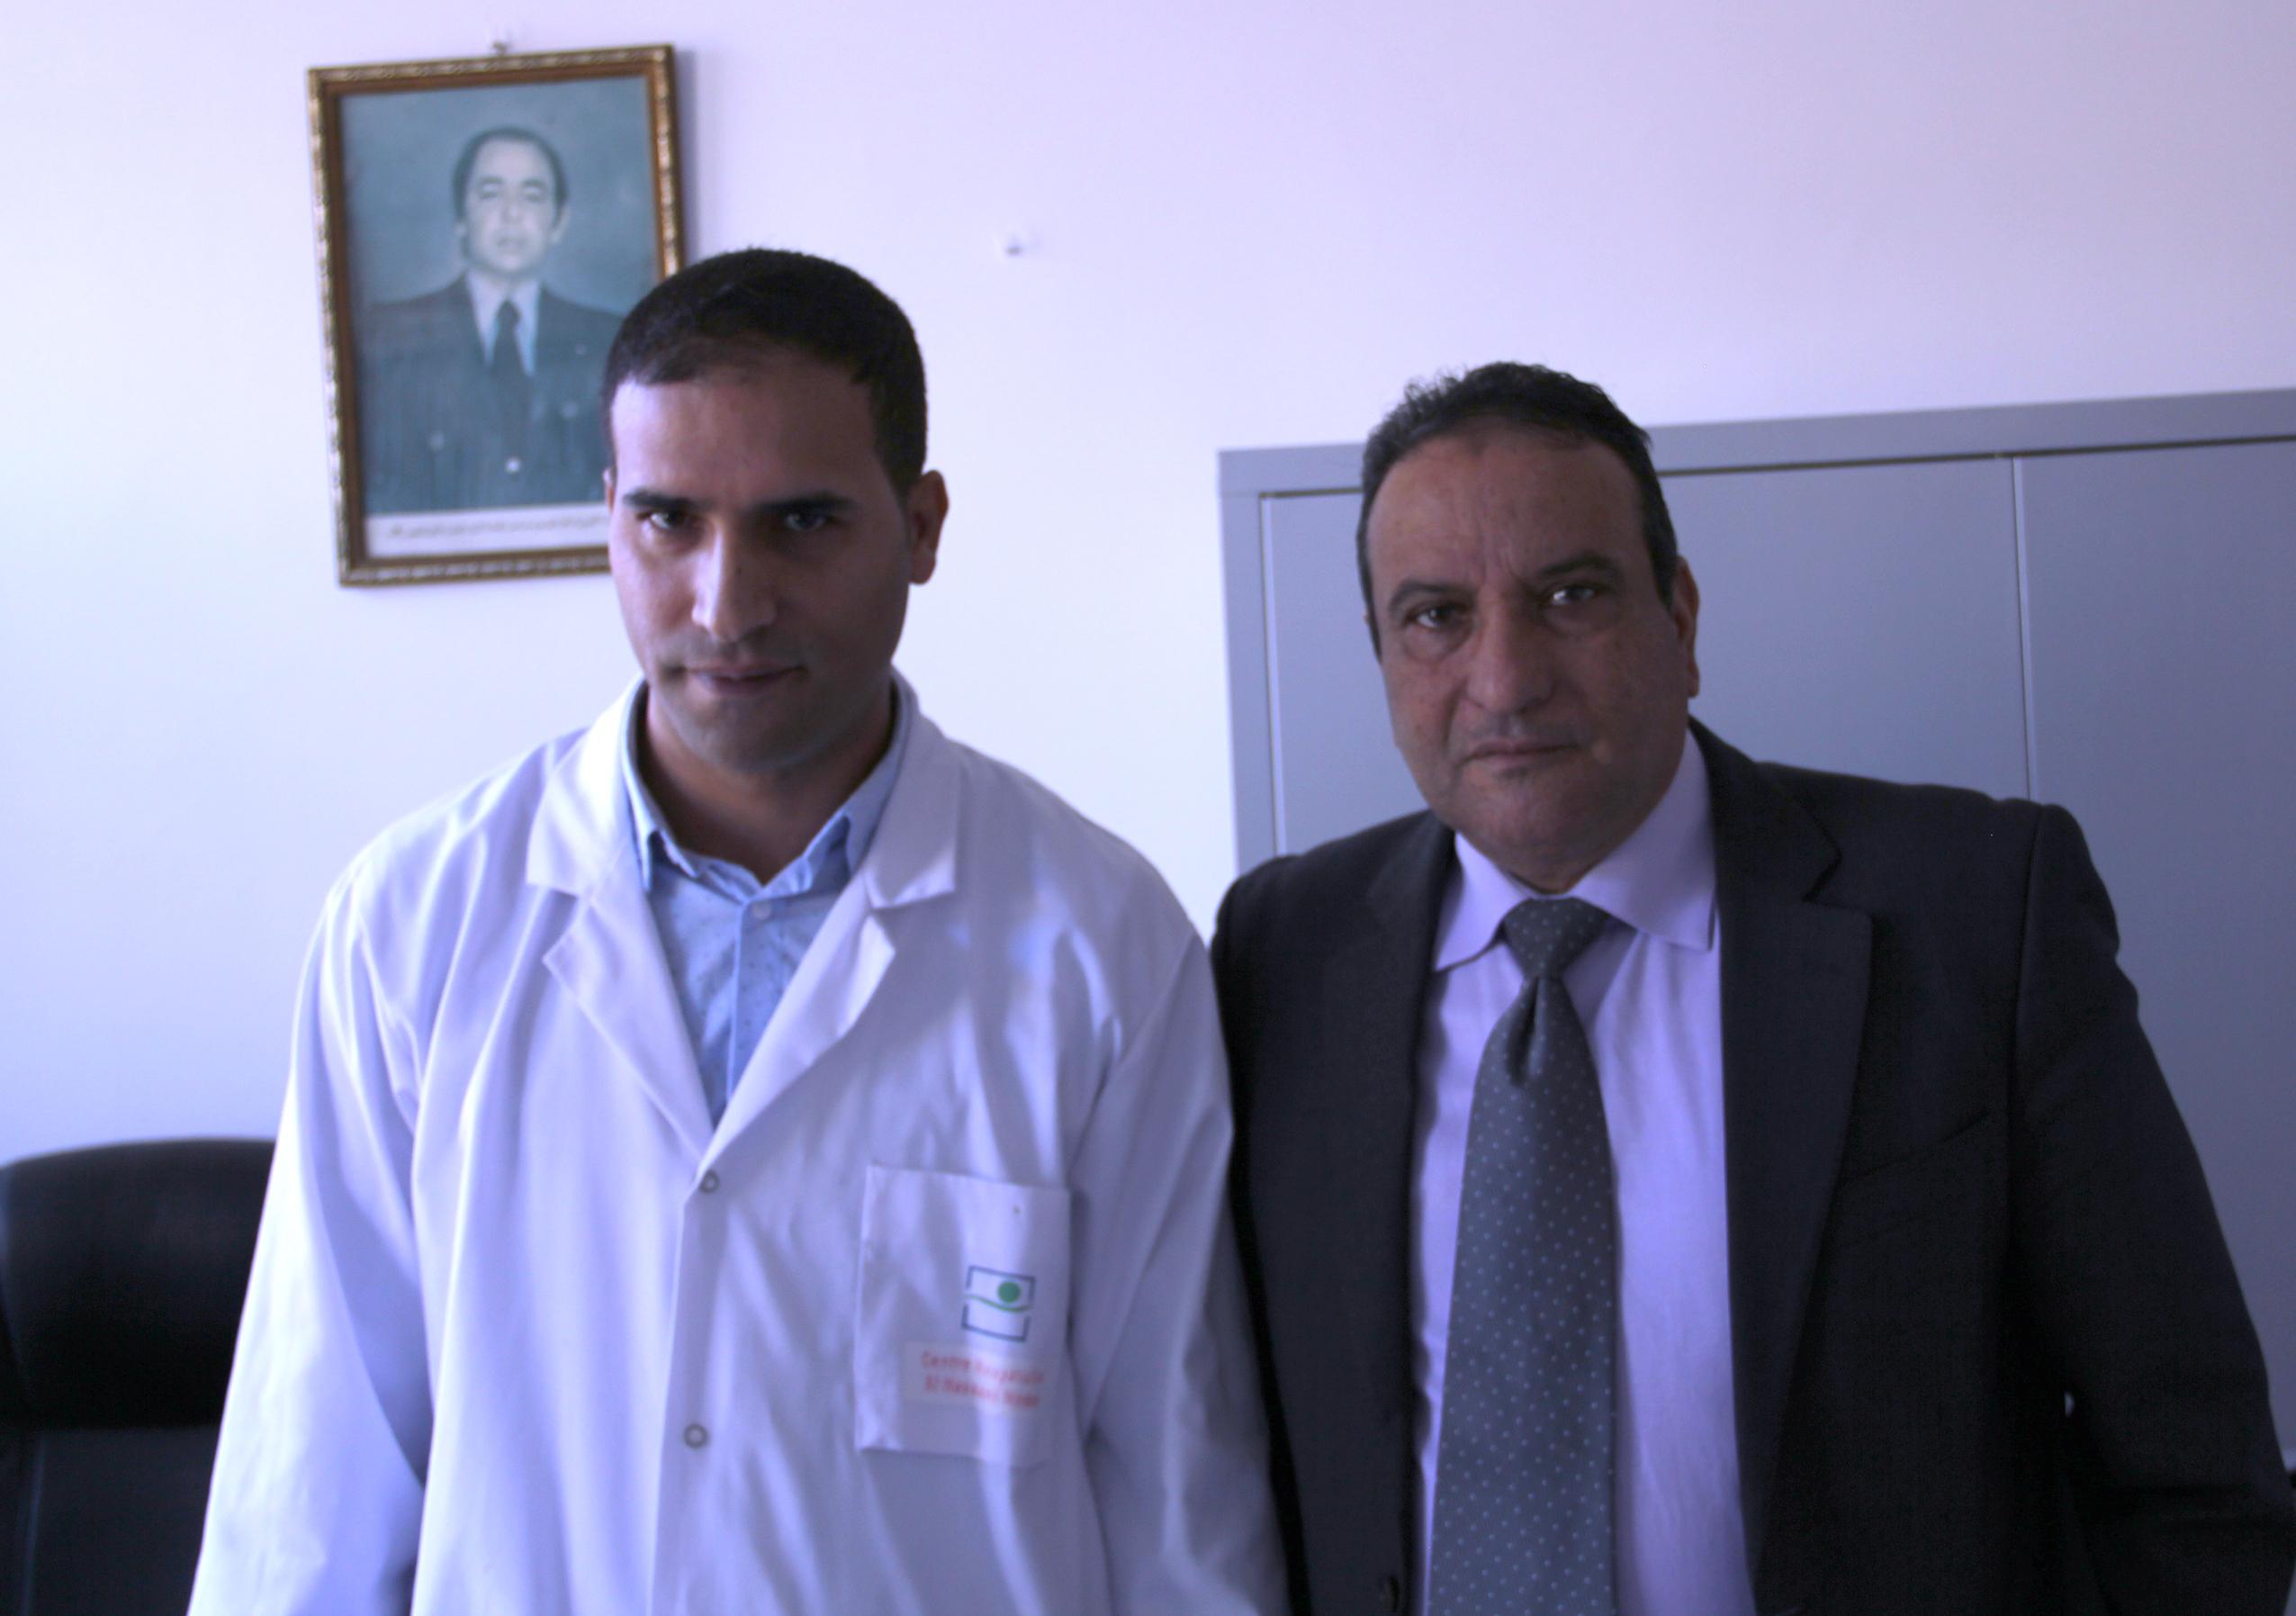 + فيديو وصور العملية : الجراح عبد الله ارزيقي ينجح في اول عملية لجراحة الشرايين المحيطية بالمستشفى الاقليمي بالناظور ..